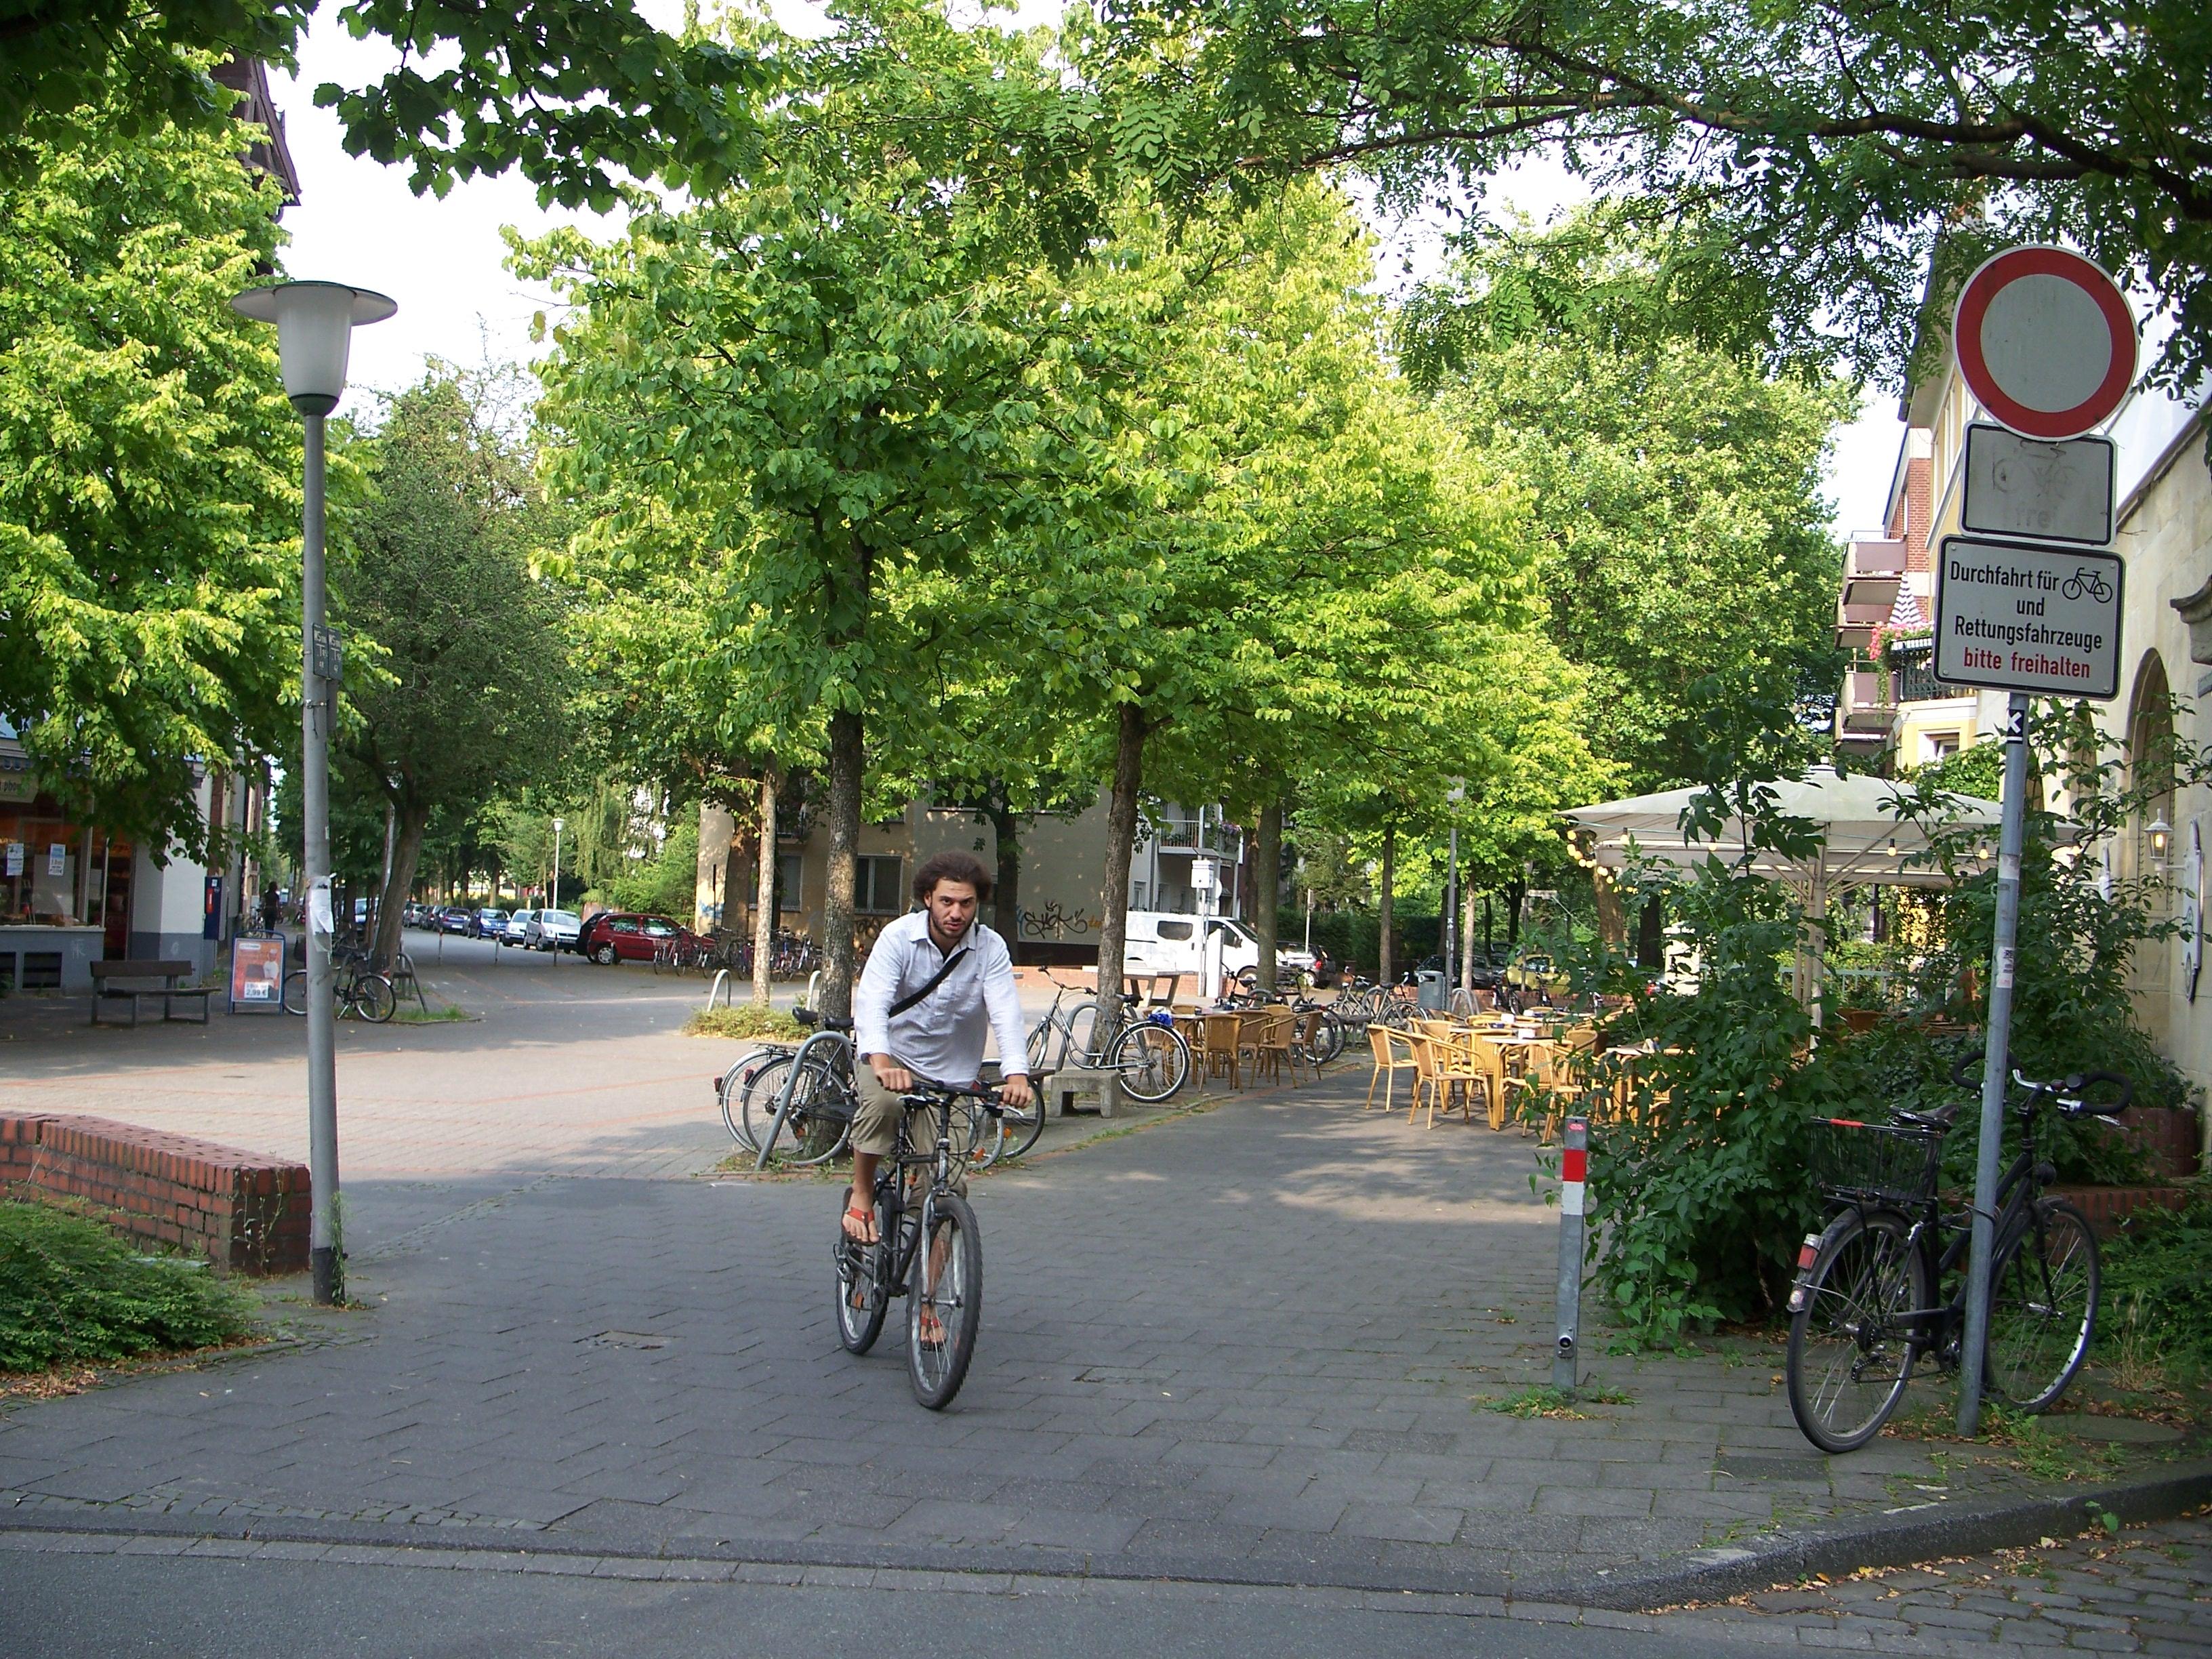 Muenster street scene